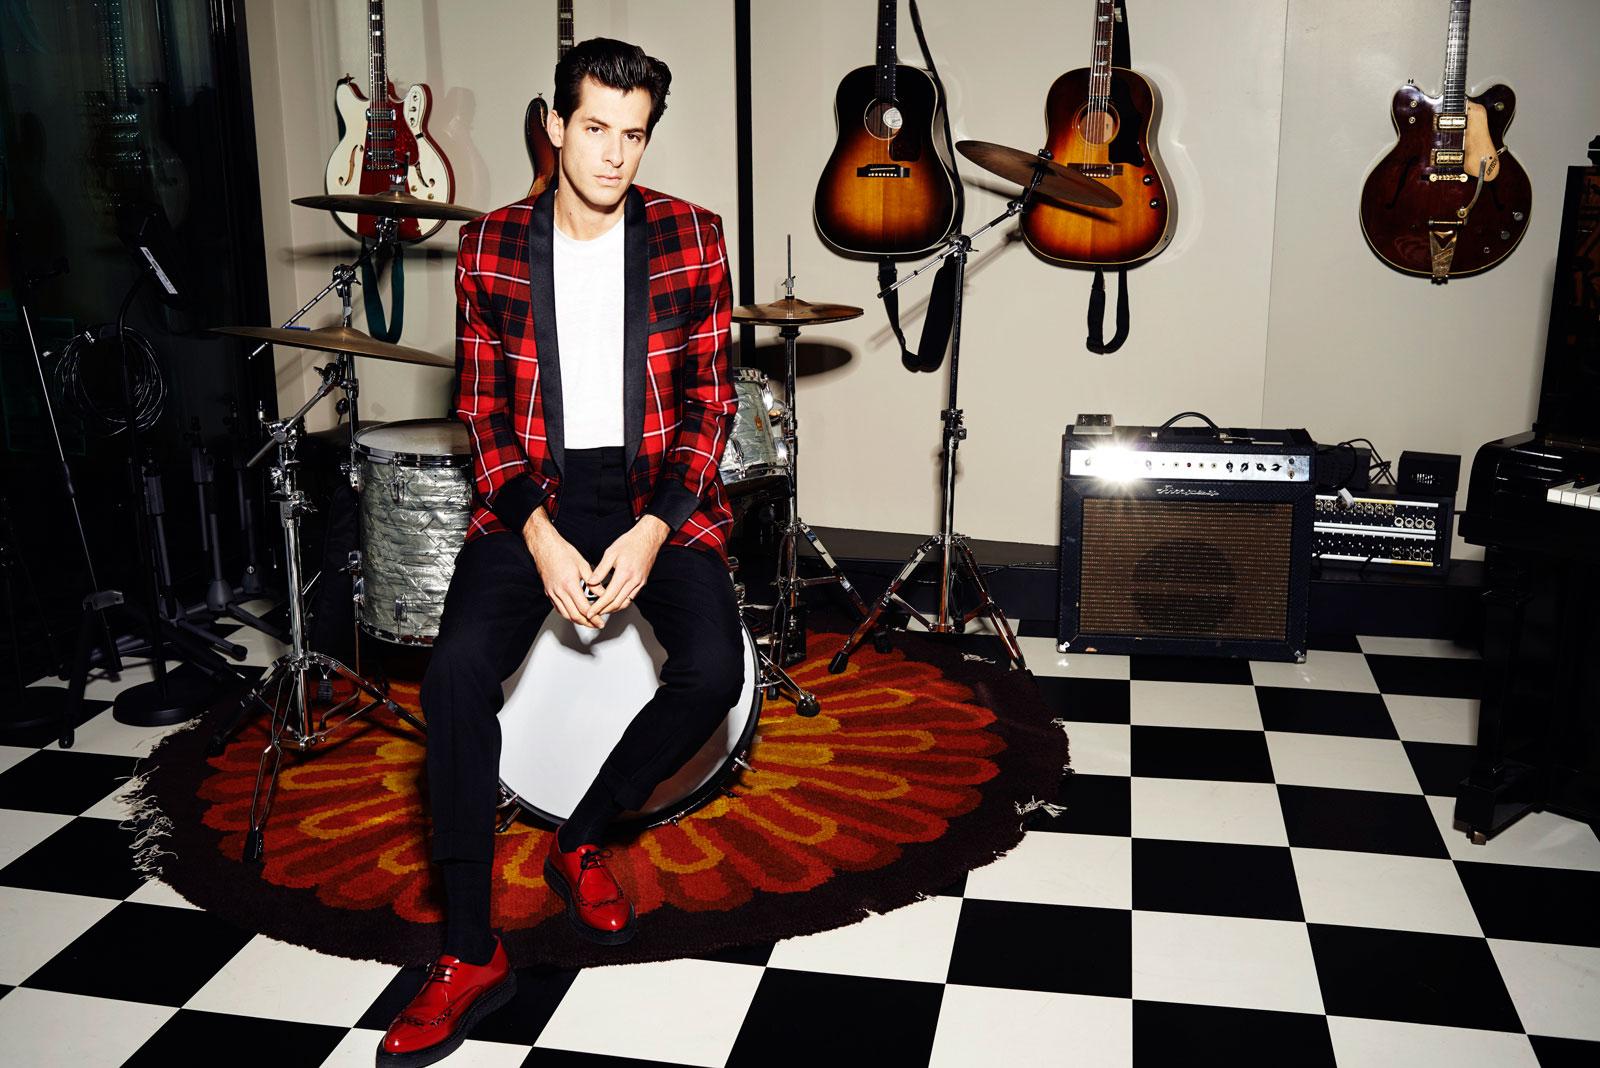 mark-ronson-times-music-celebrity.jpg